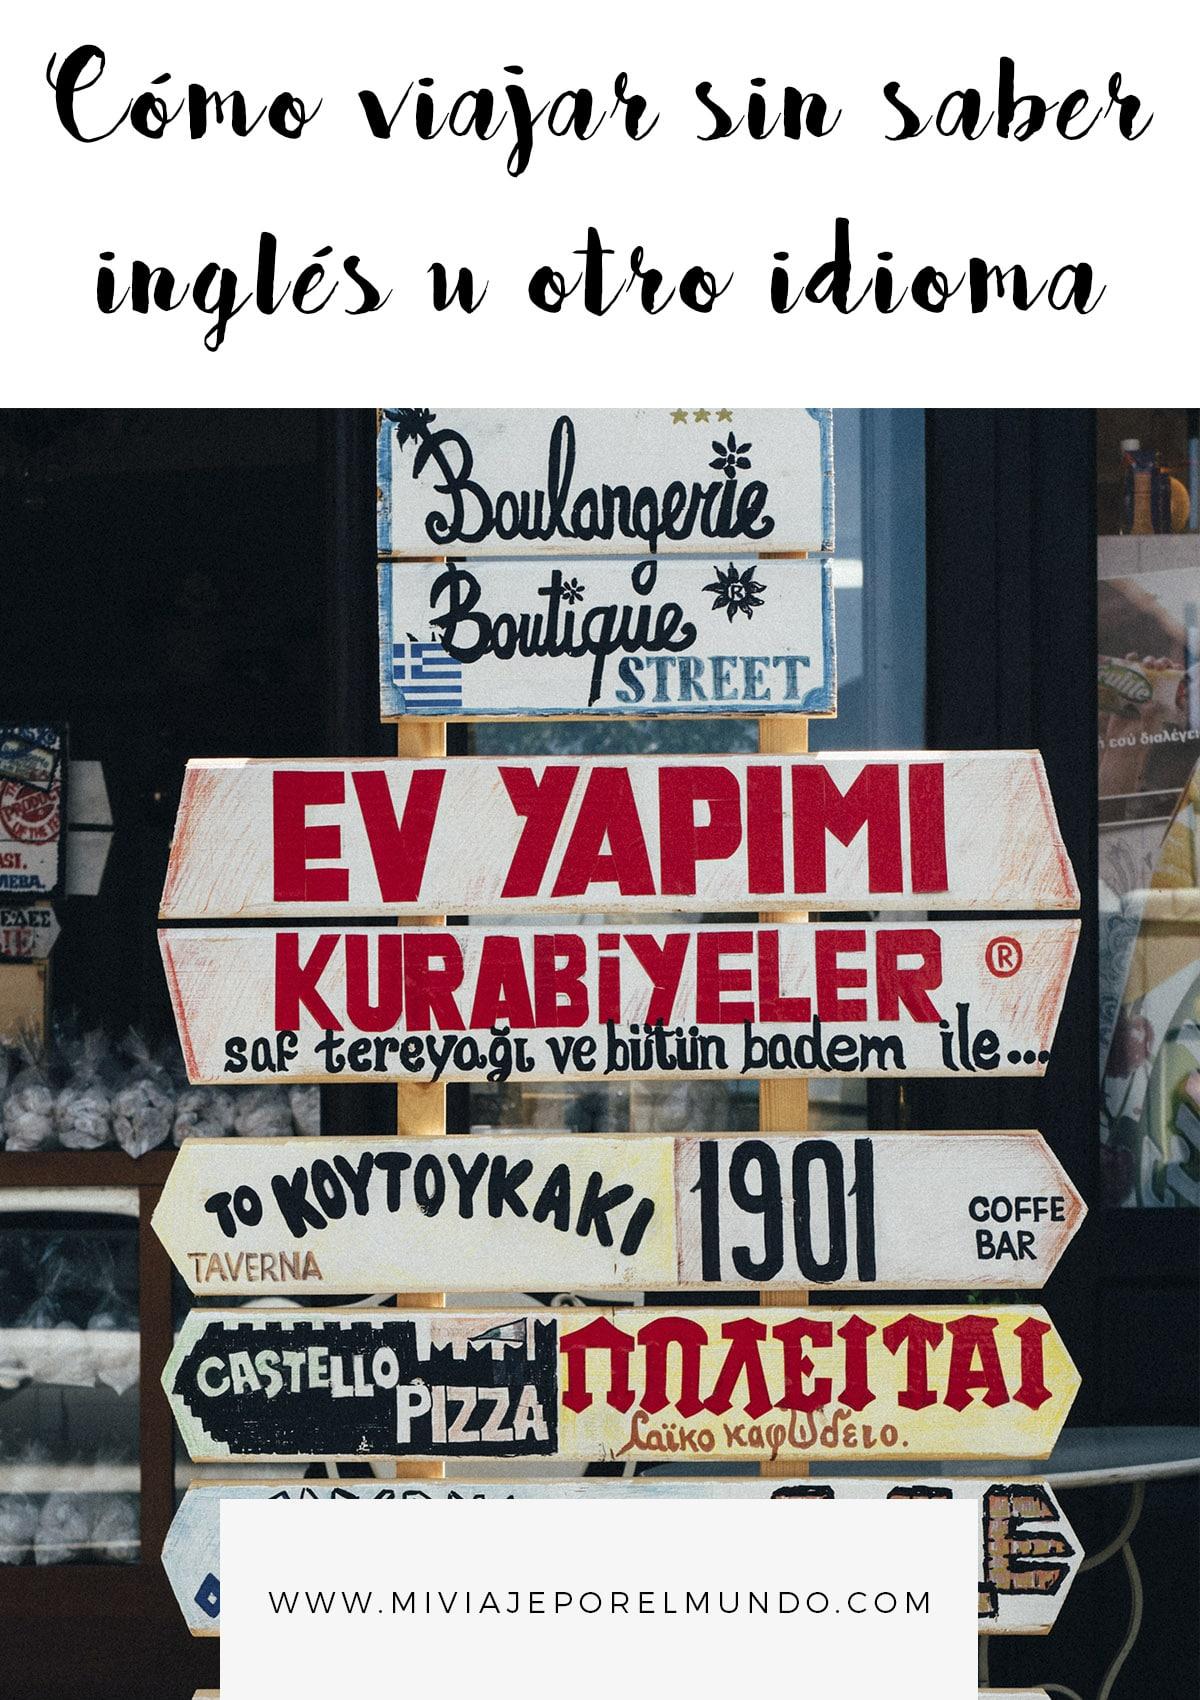 se puede viajar mundo sin hablar ingles u idioma